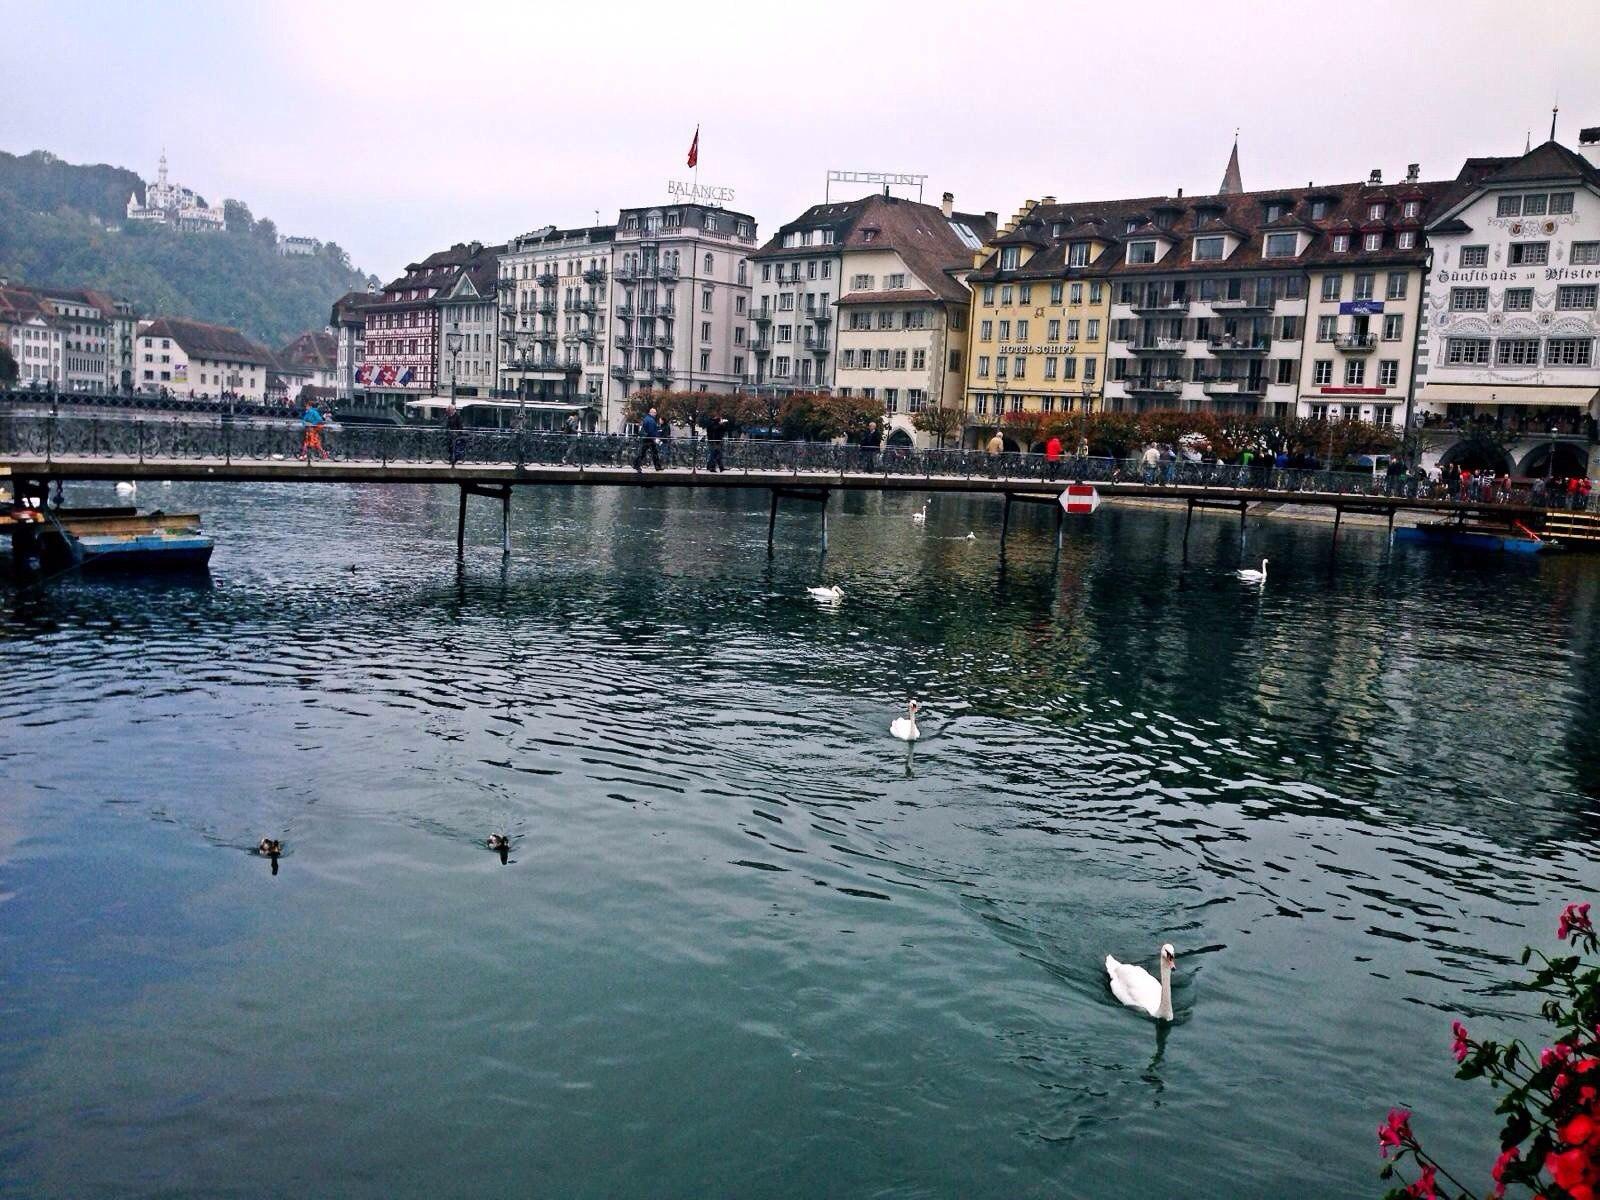 瑞士琉森15天天气